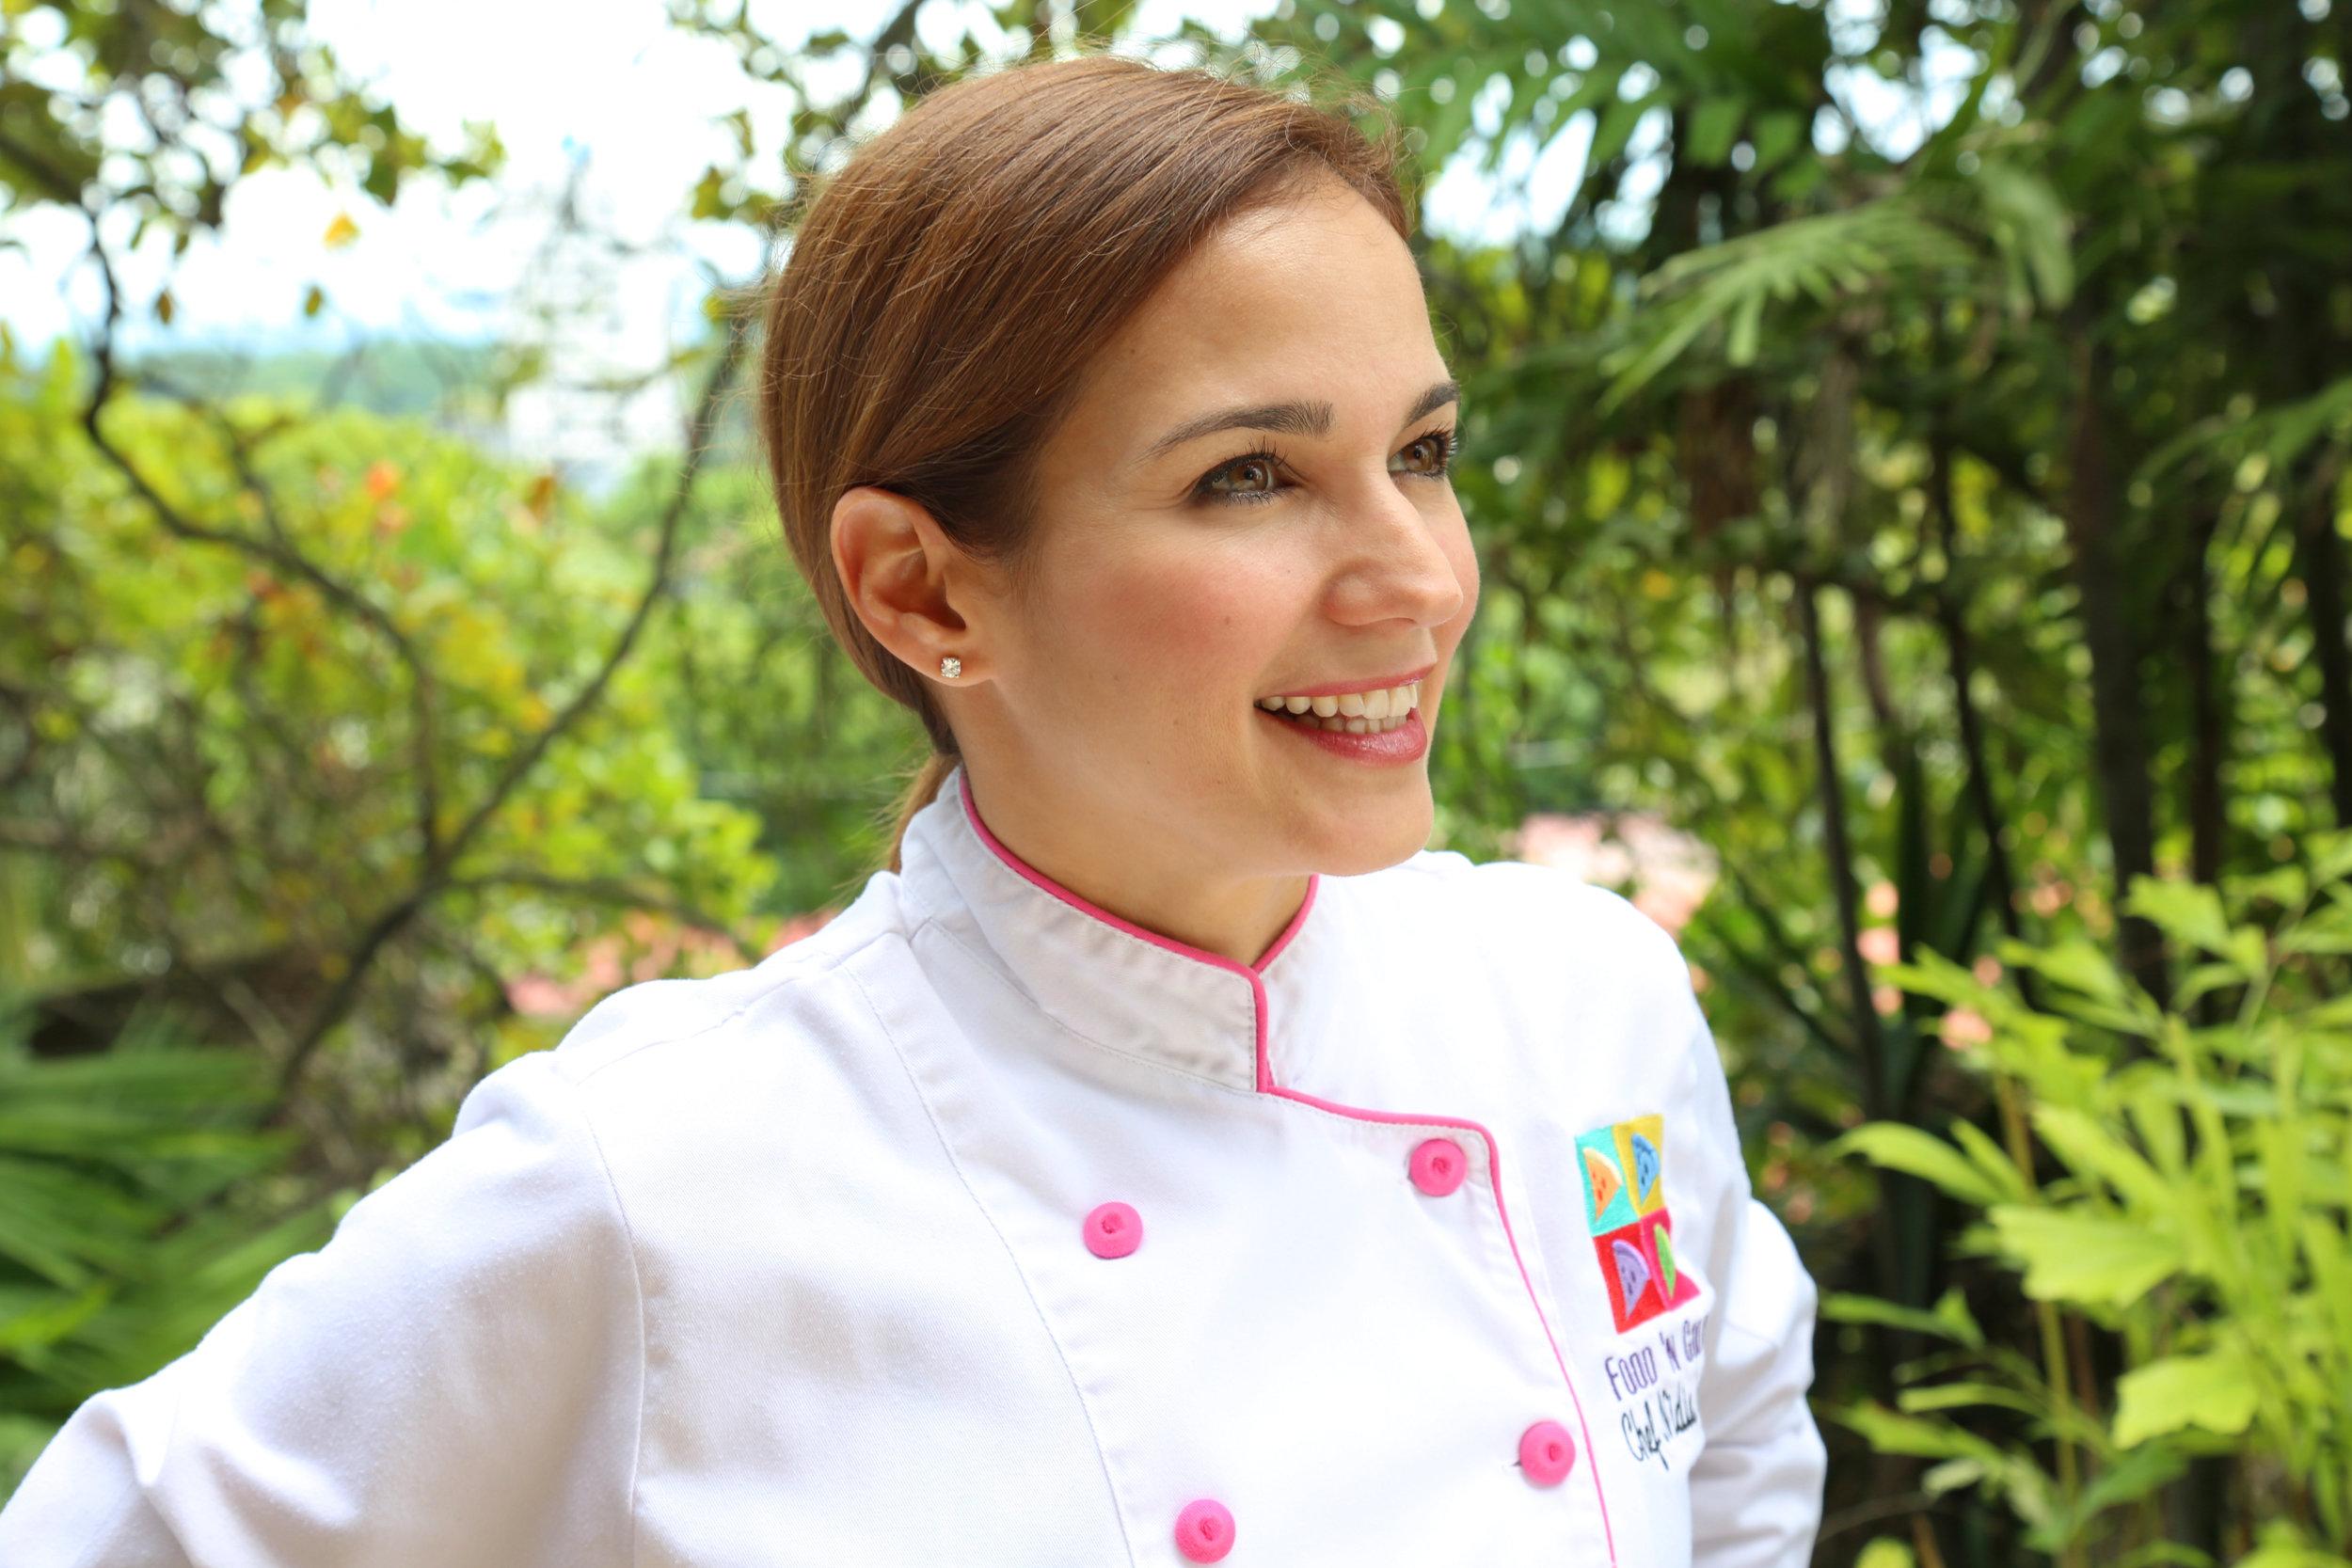 Nidia Chef Coat 2.jpeg